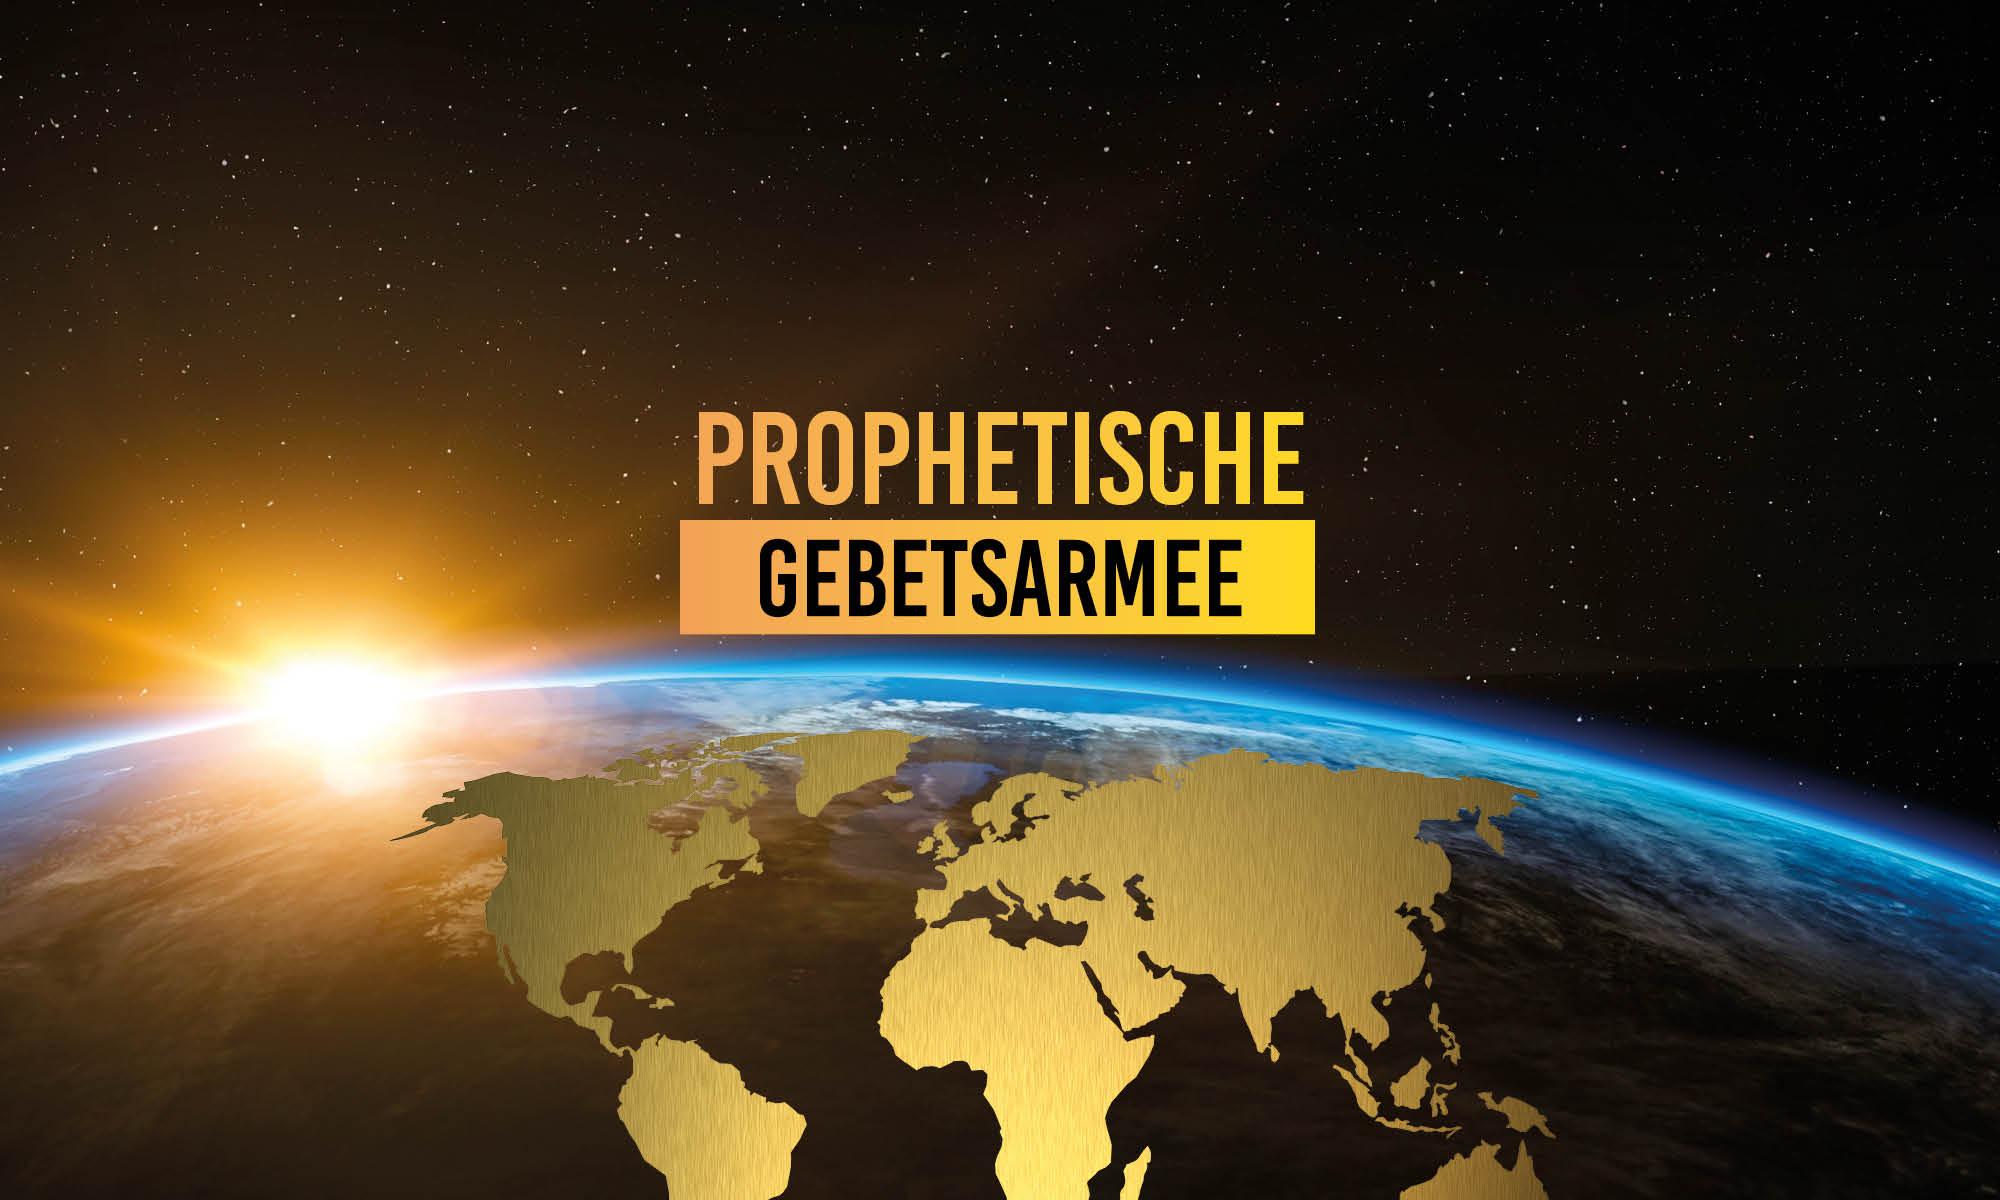 Prophetische Gebetsarmee